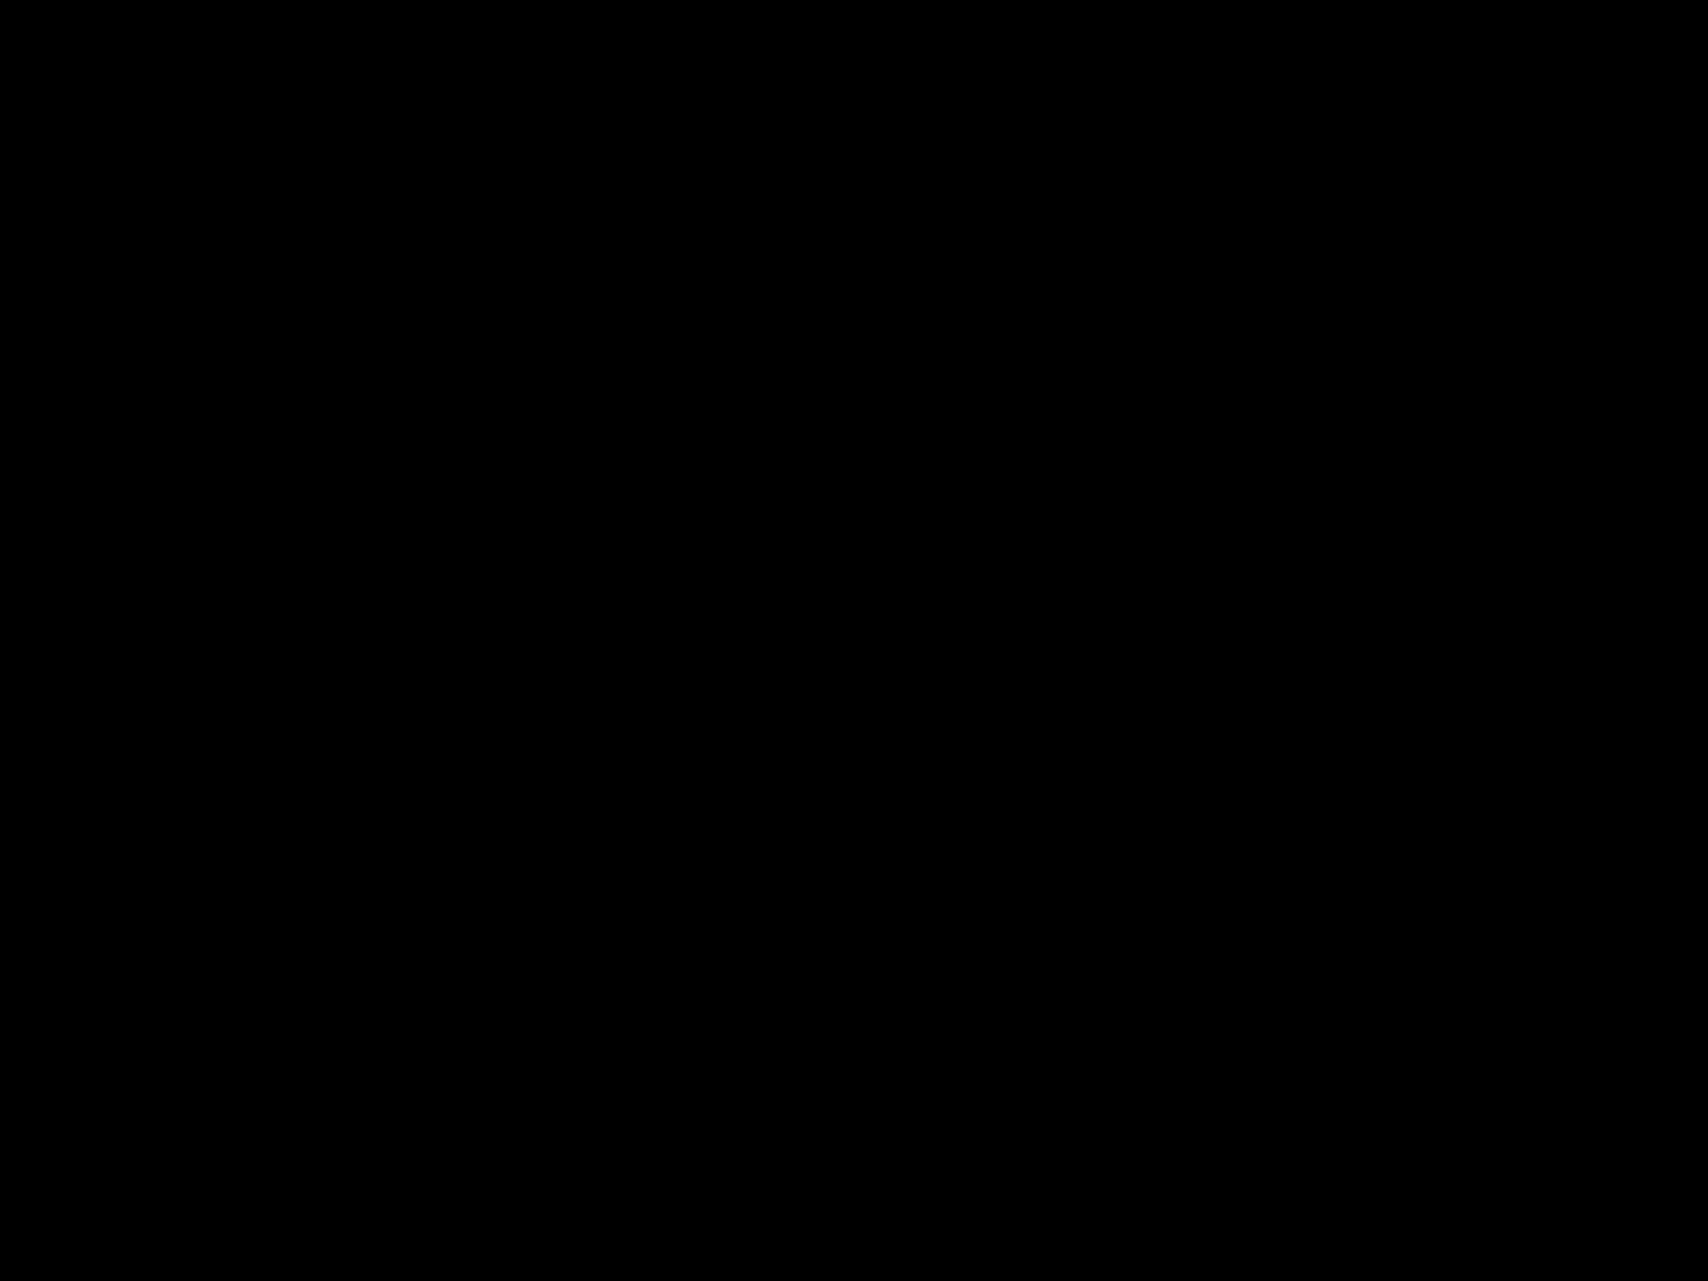 25121_12.jpg